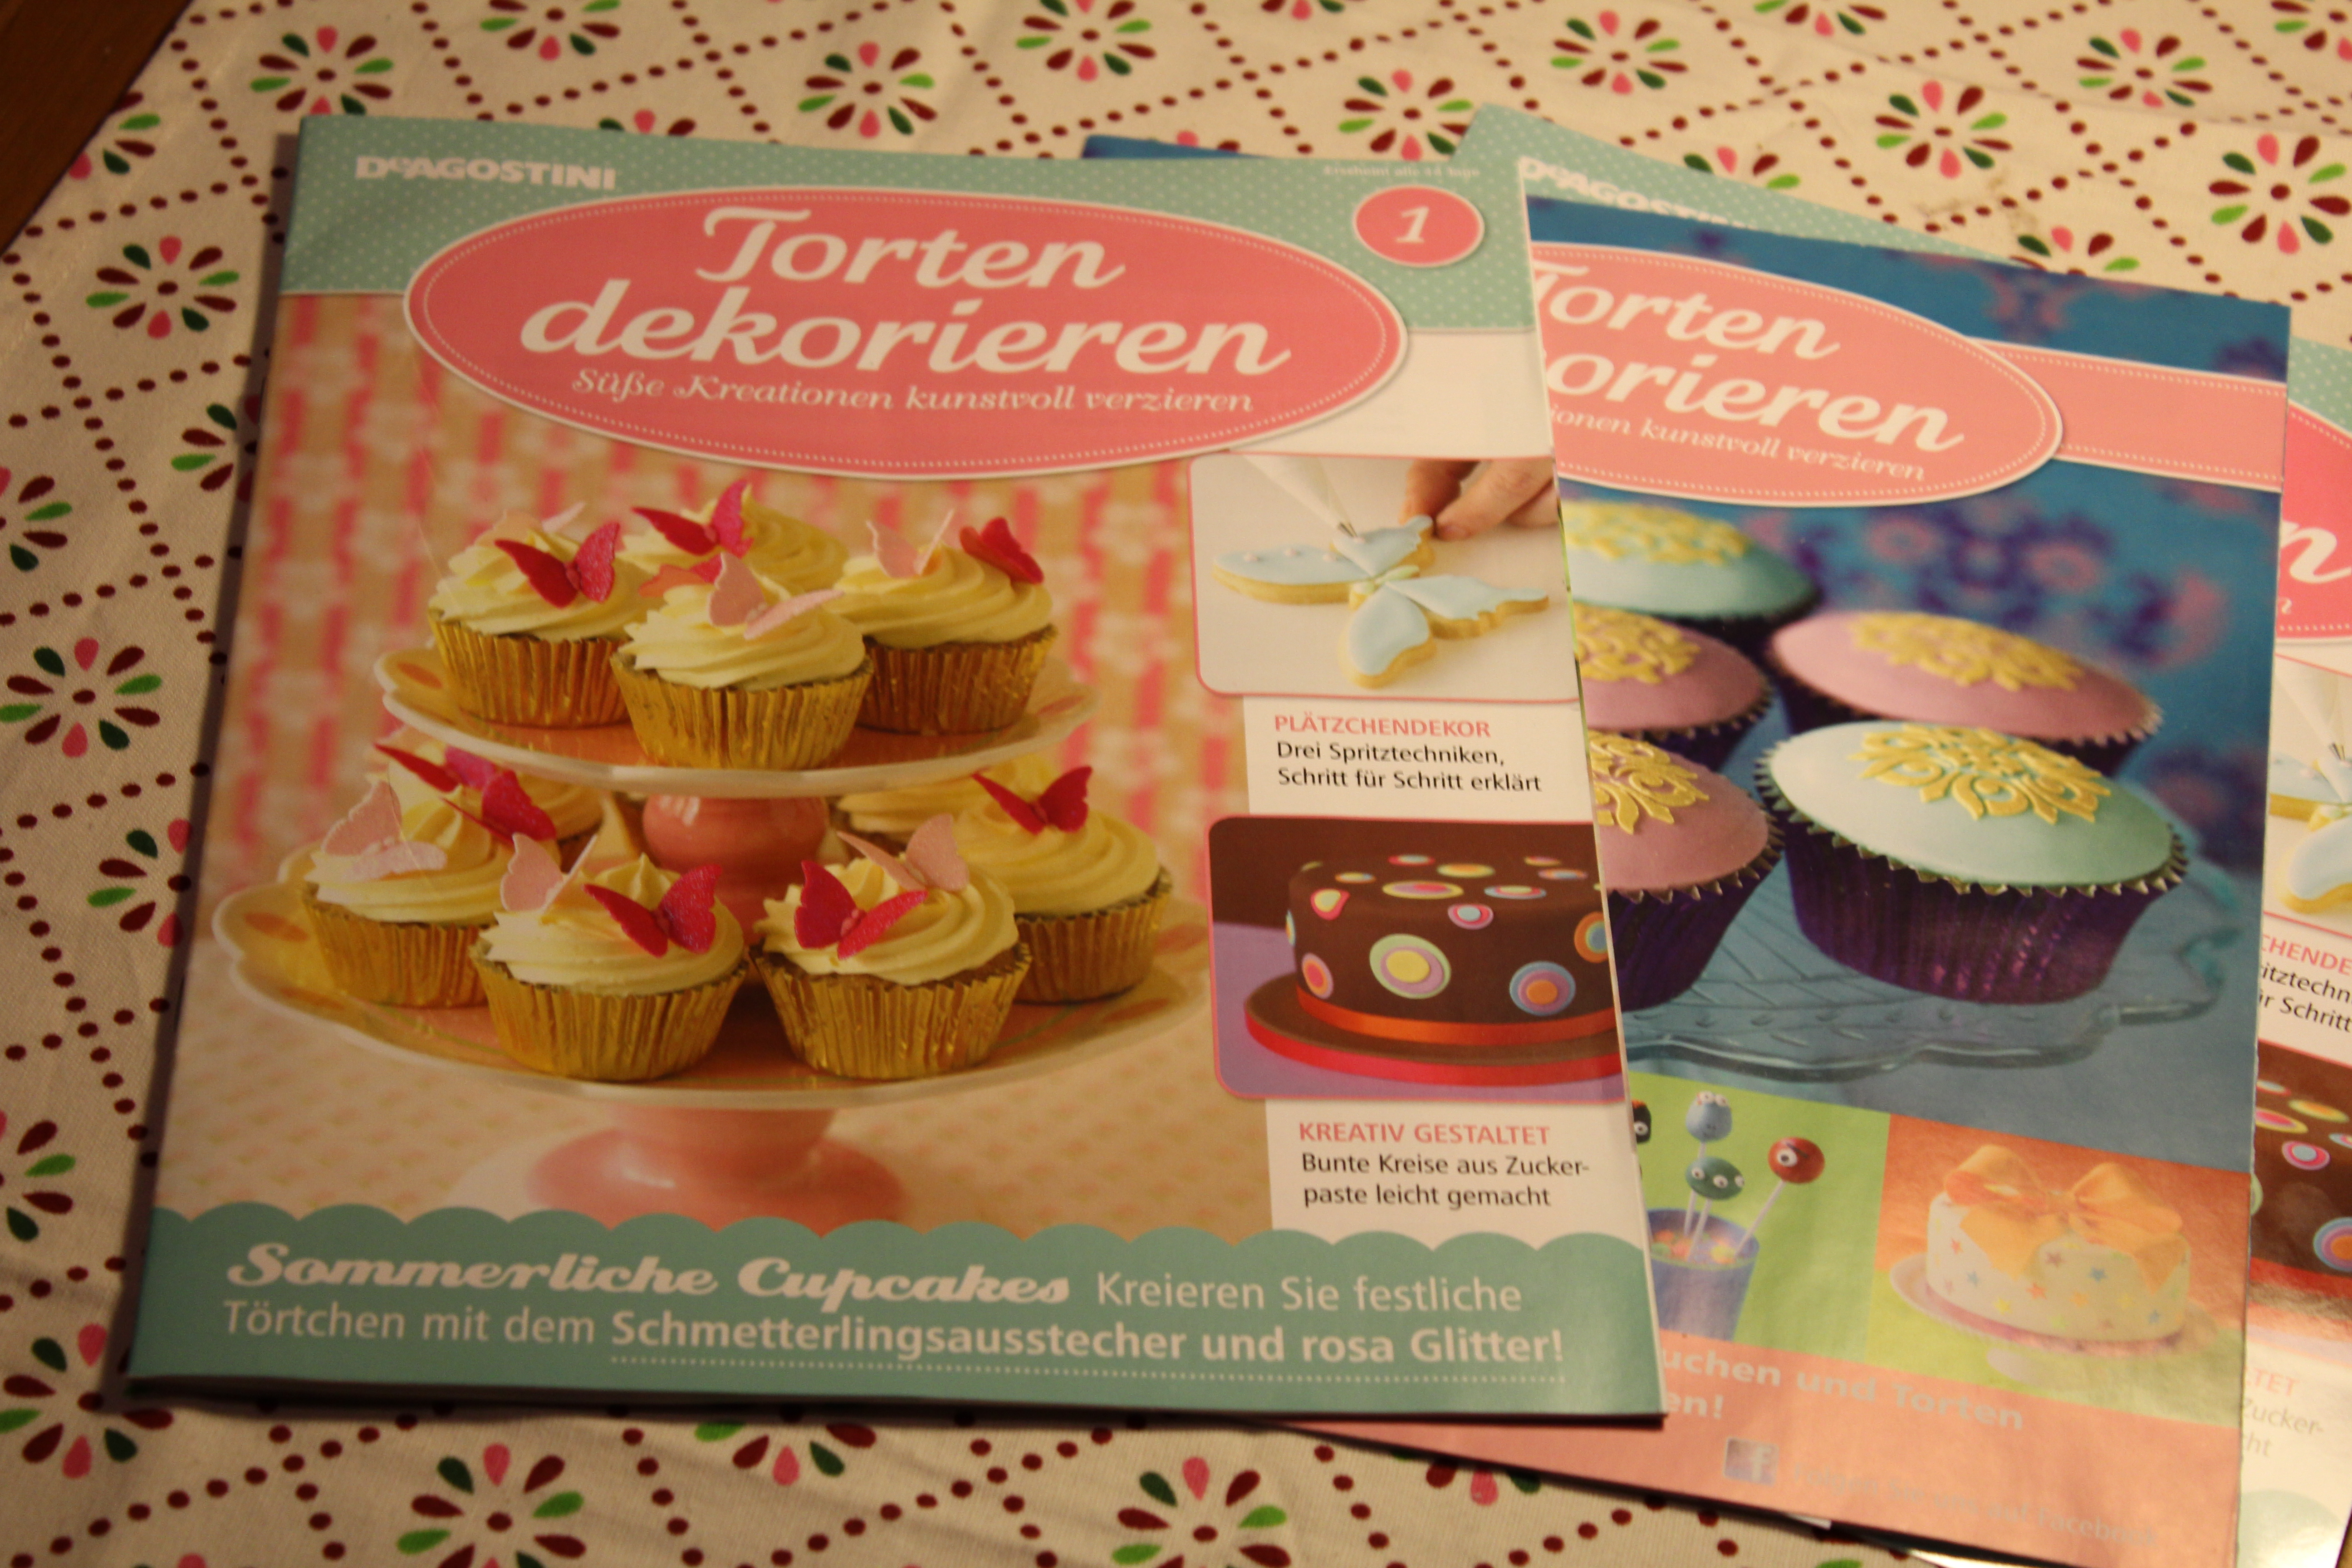 Torten Dekorieren Magazin stop aus ende wer hat das magazin torten dekorieren gewonnen